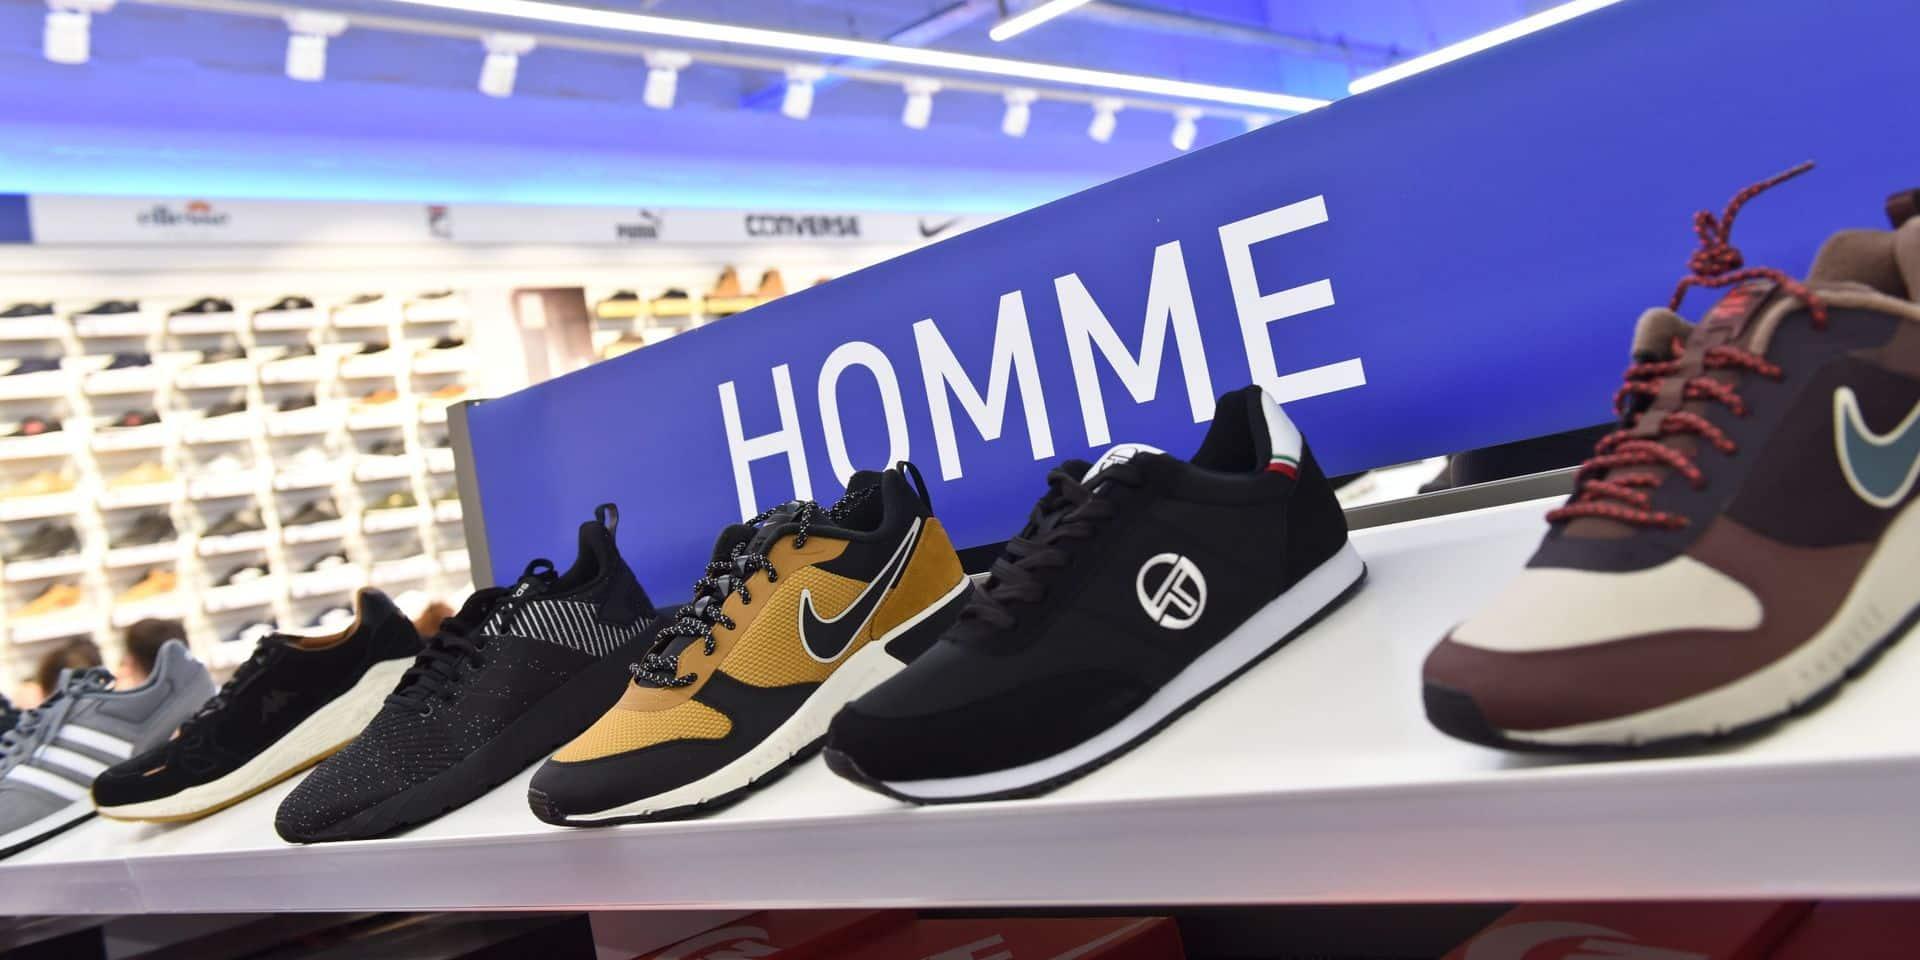 Les ventes de vêtements et chaussures en forte baisse en juillet